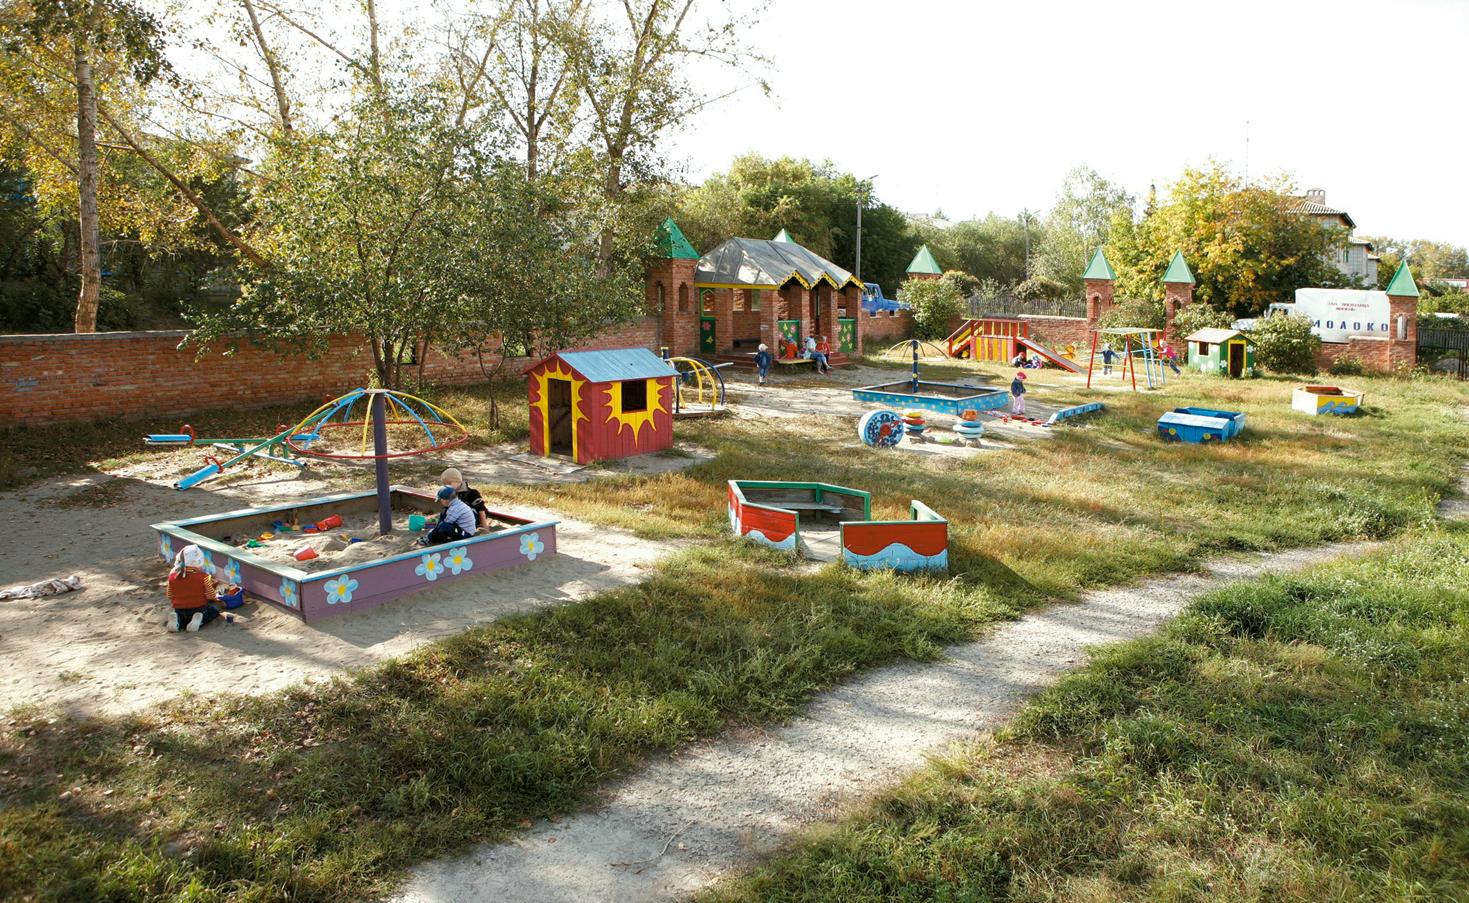 Кроме садика ЗАО племзавод «Ирмень» содержит медпункт, спорткомплекс, Дом быта, санаторий и строит дома для сотрудников